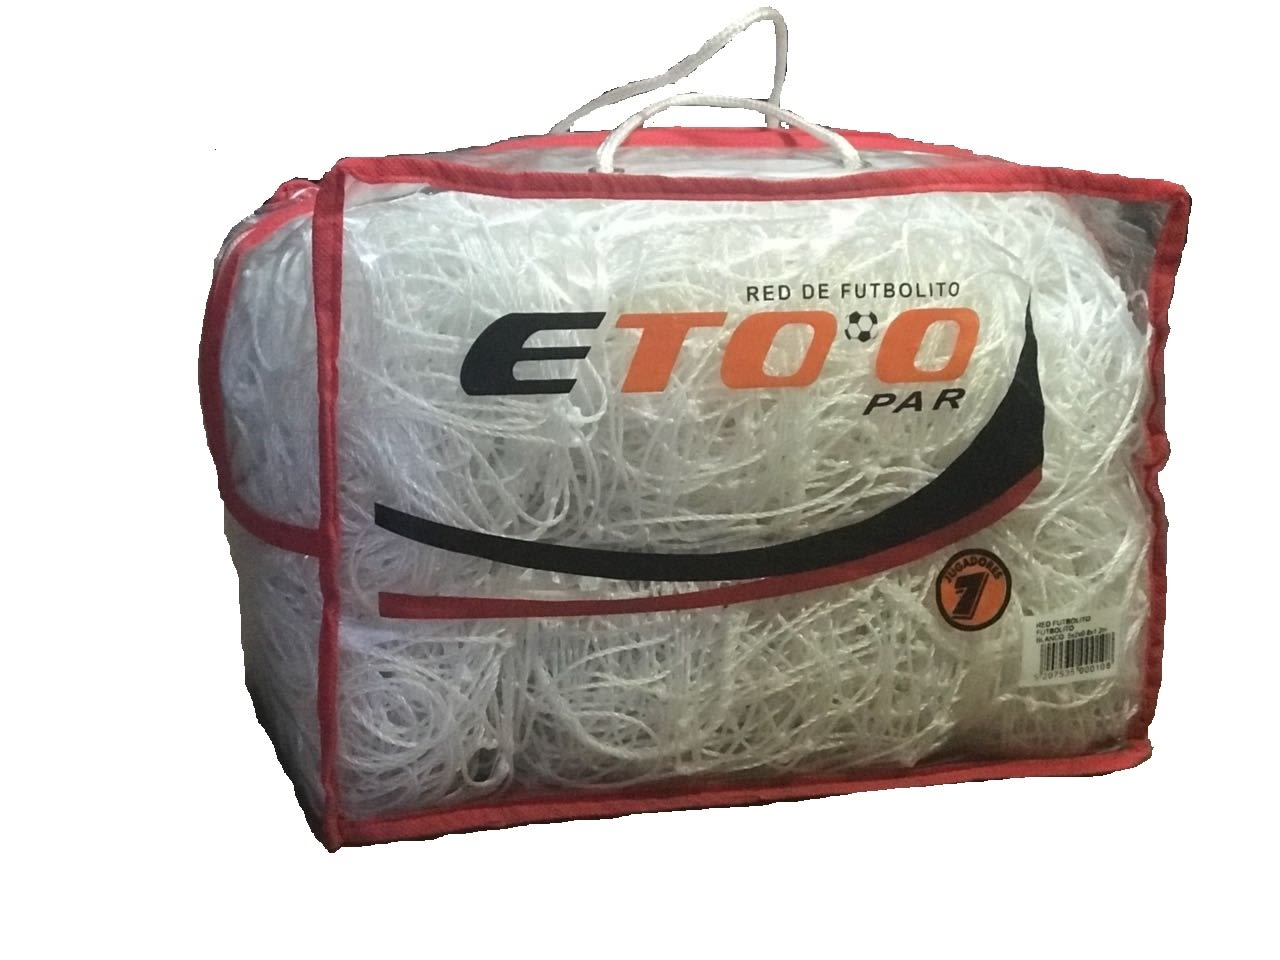 Redes de Futbolito Etoo